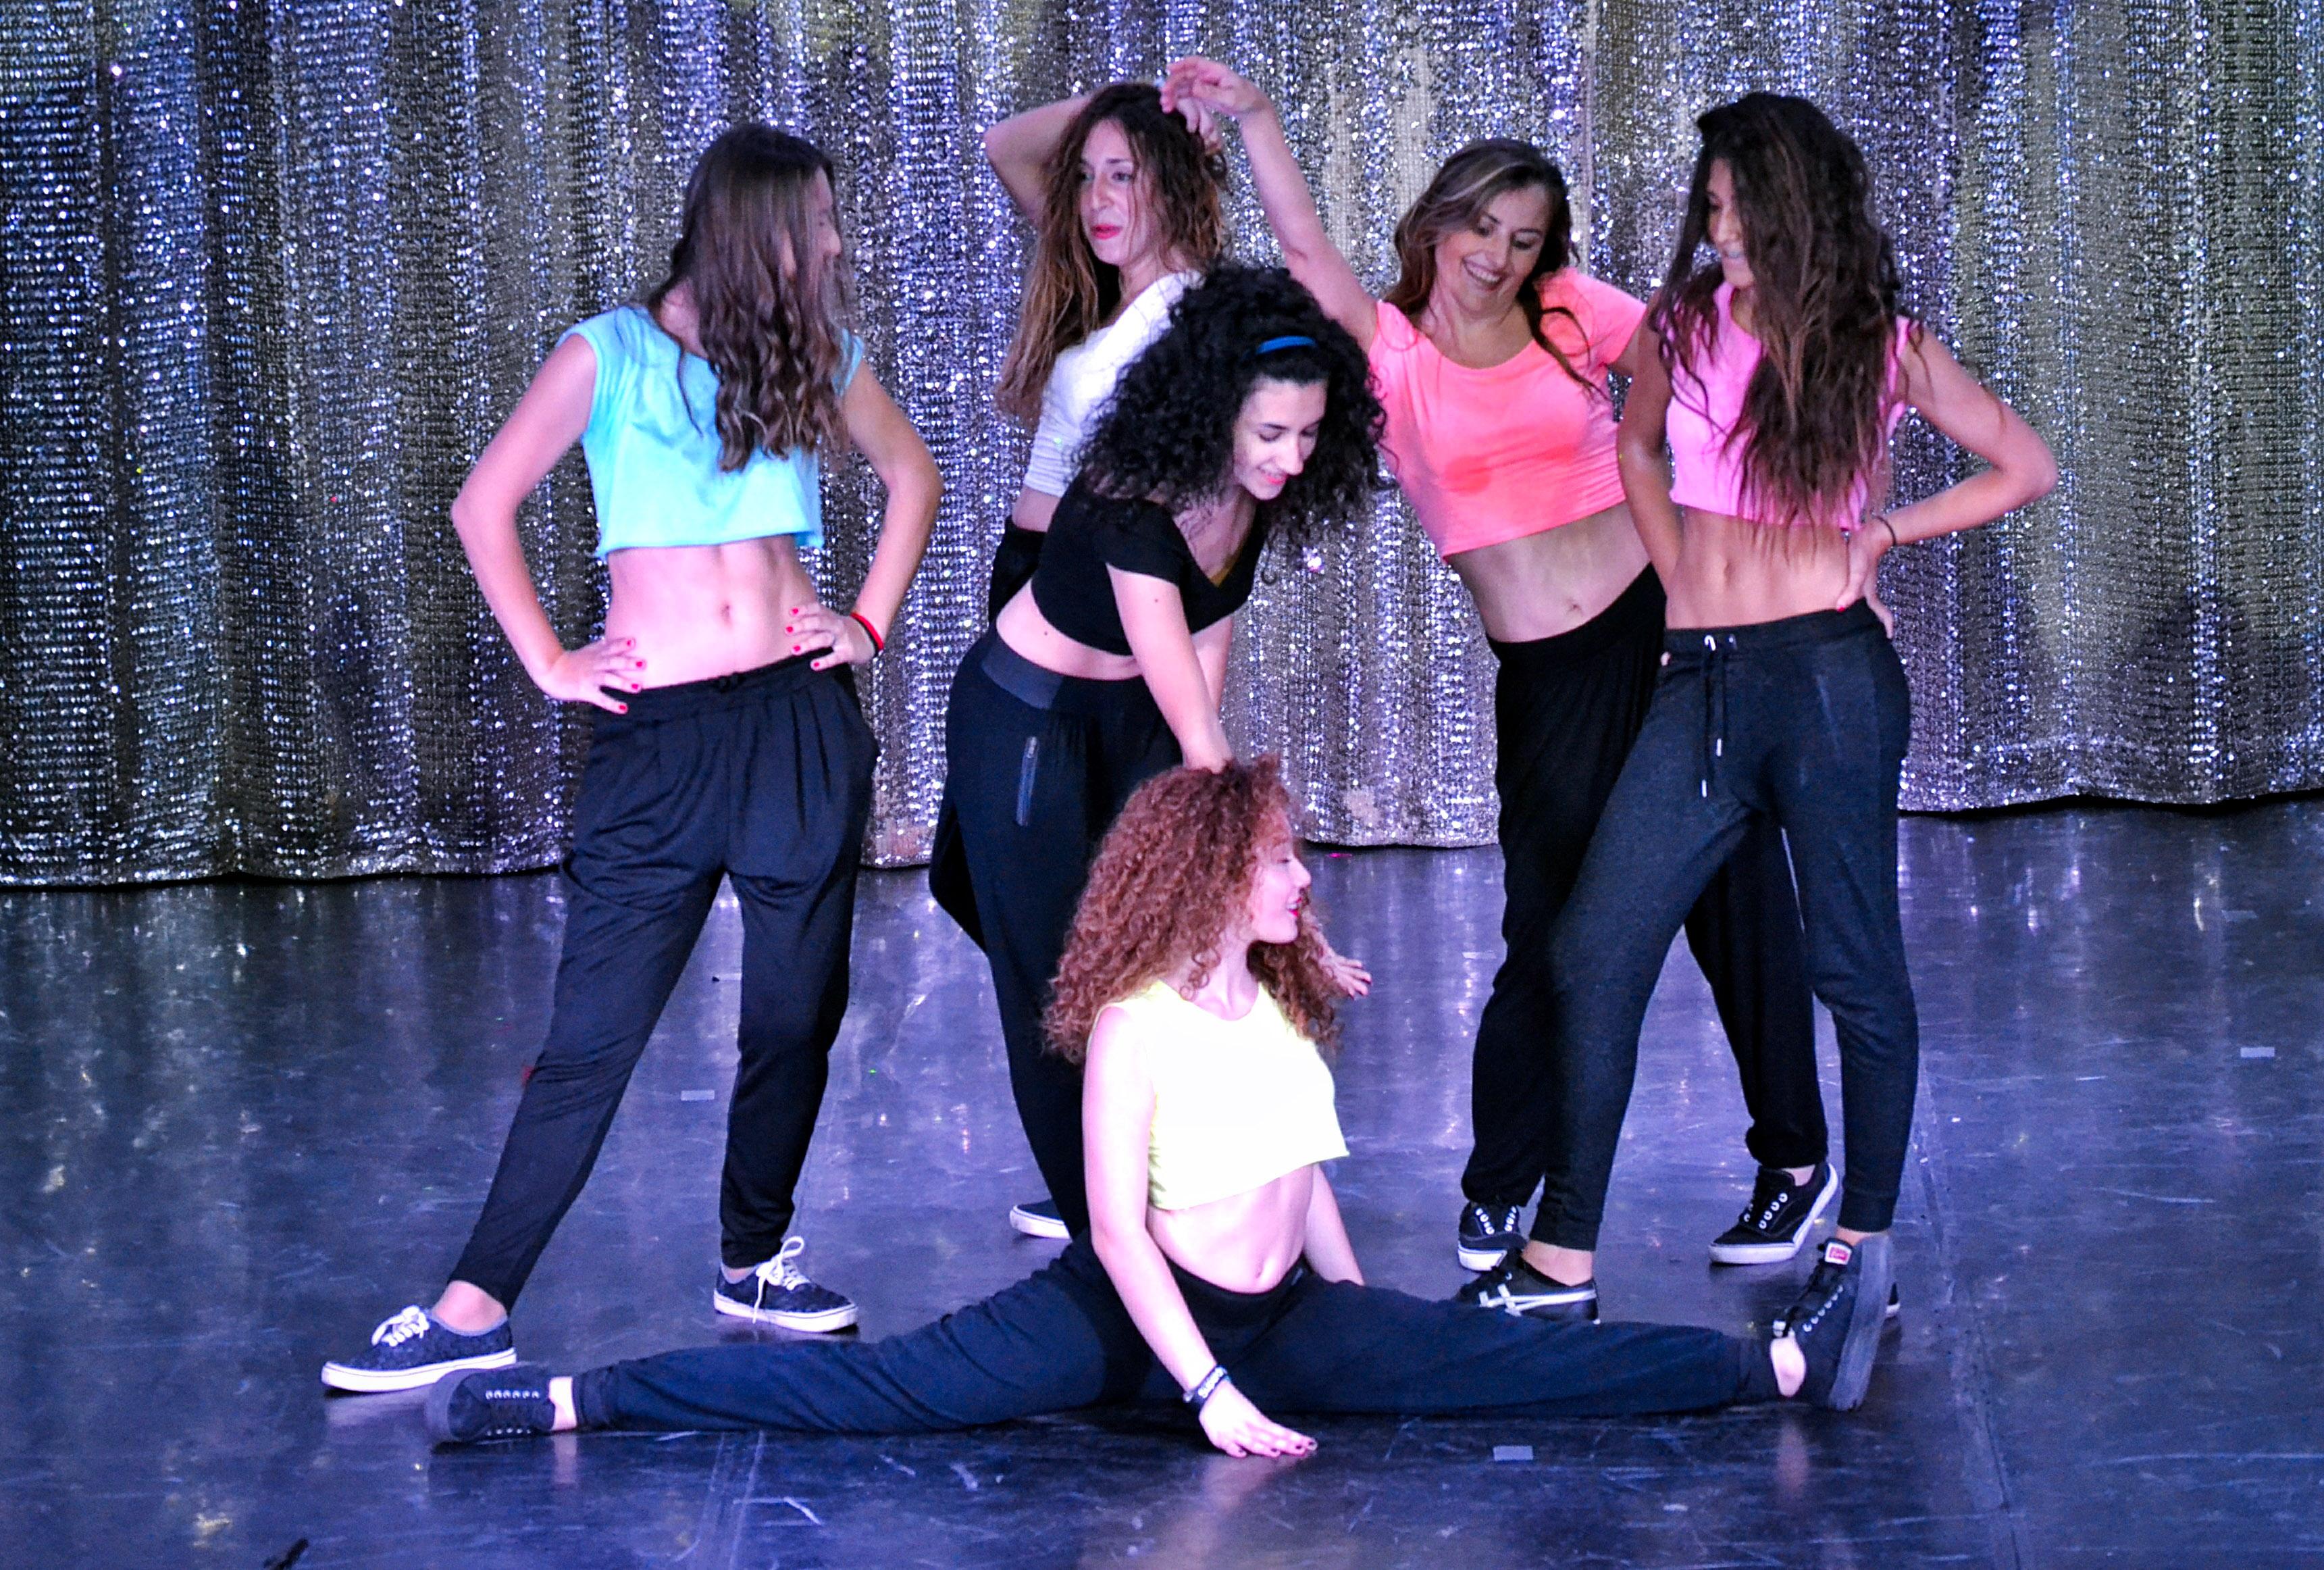 Linea-de-Baile-festival-verano-2015-clases-de-baile-valencia-145